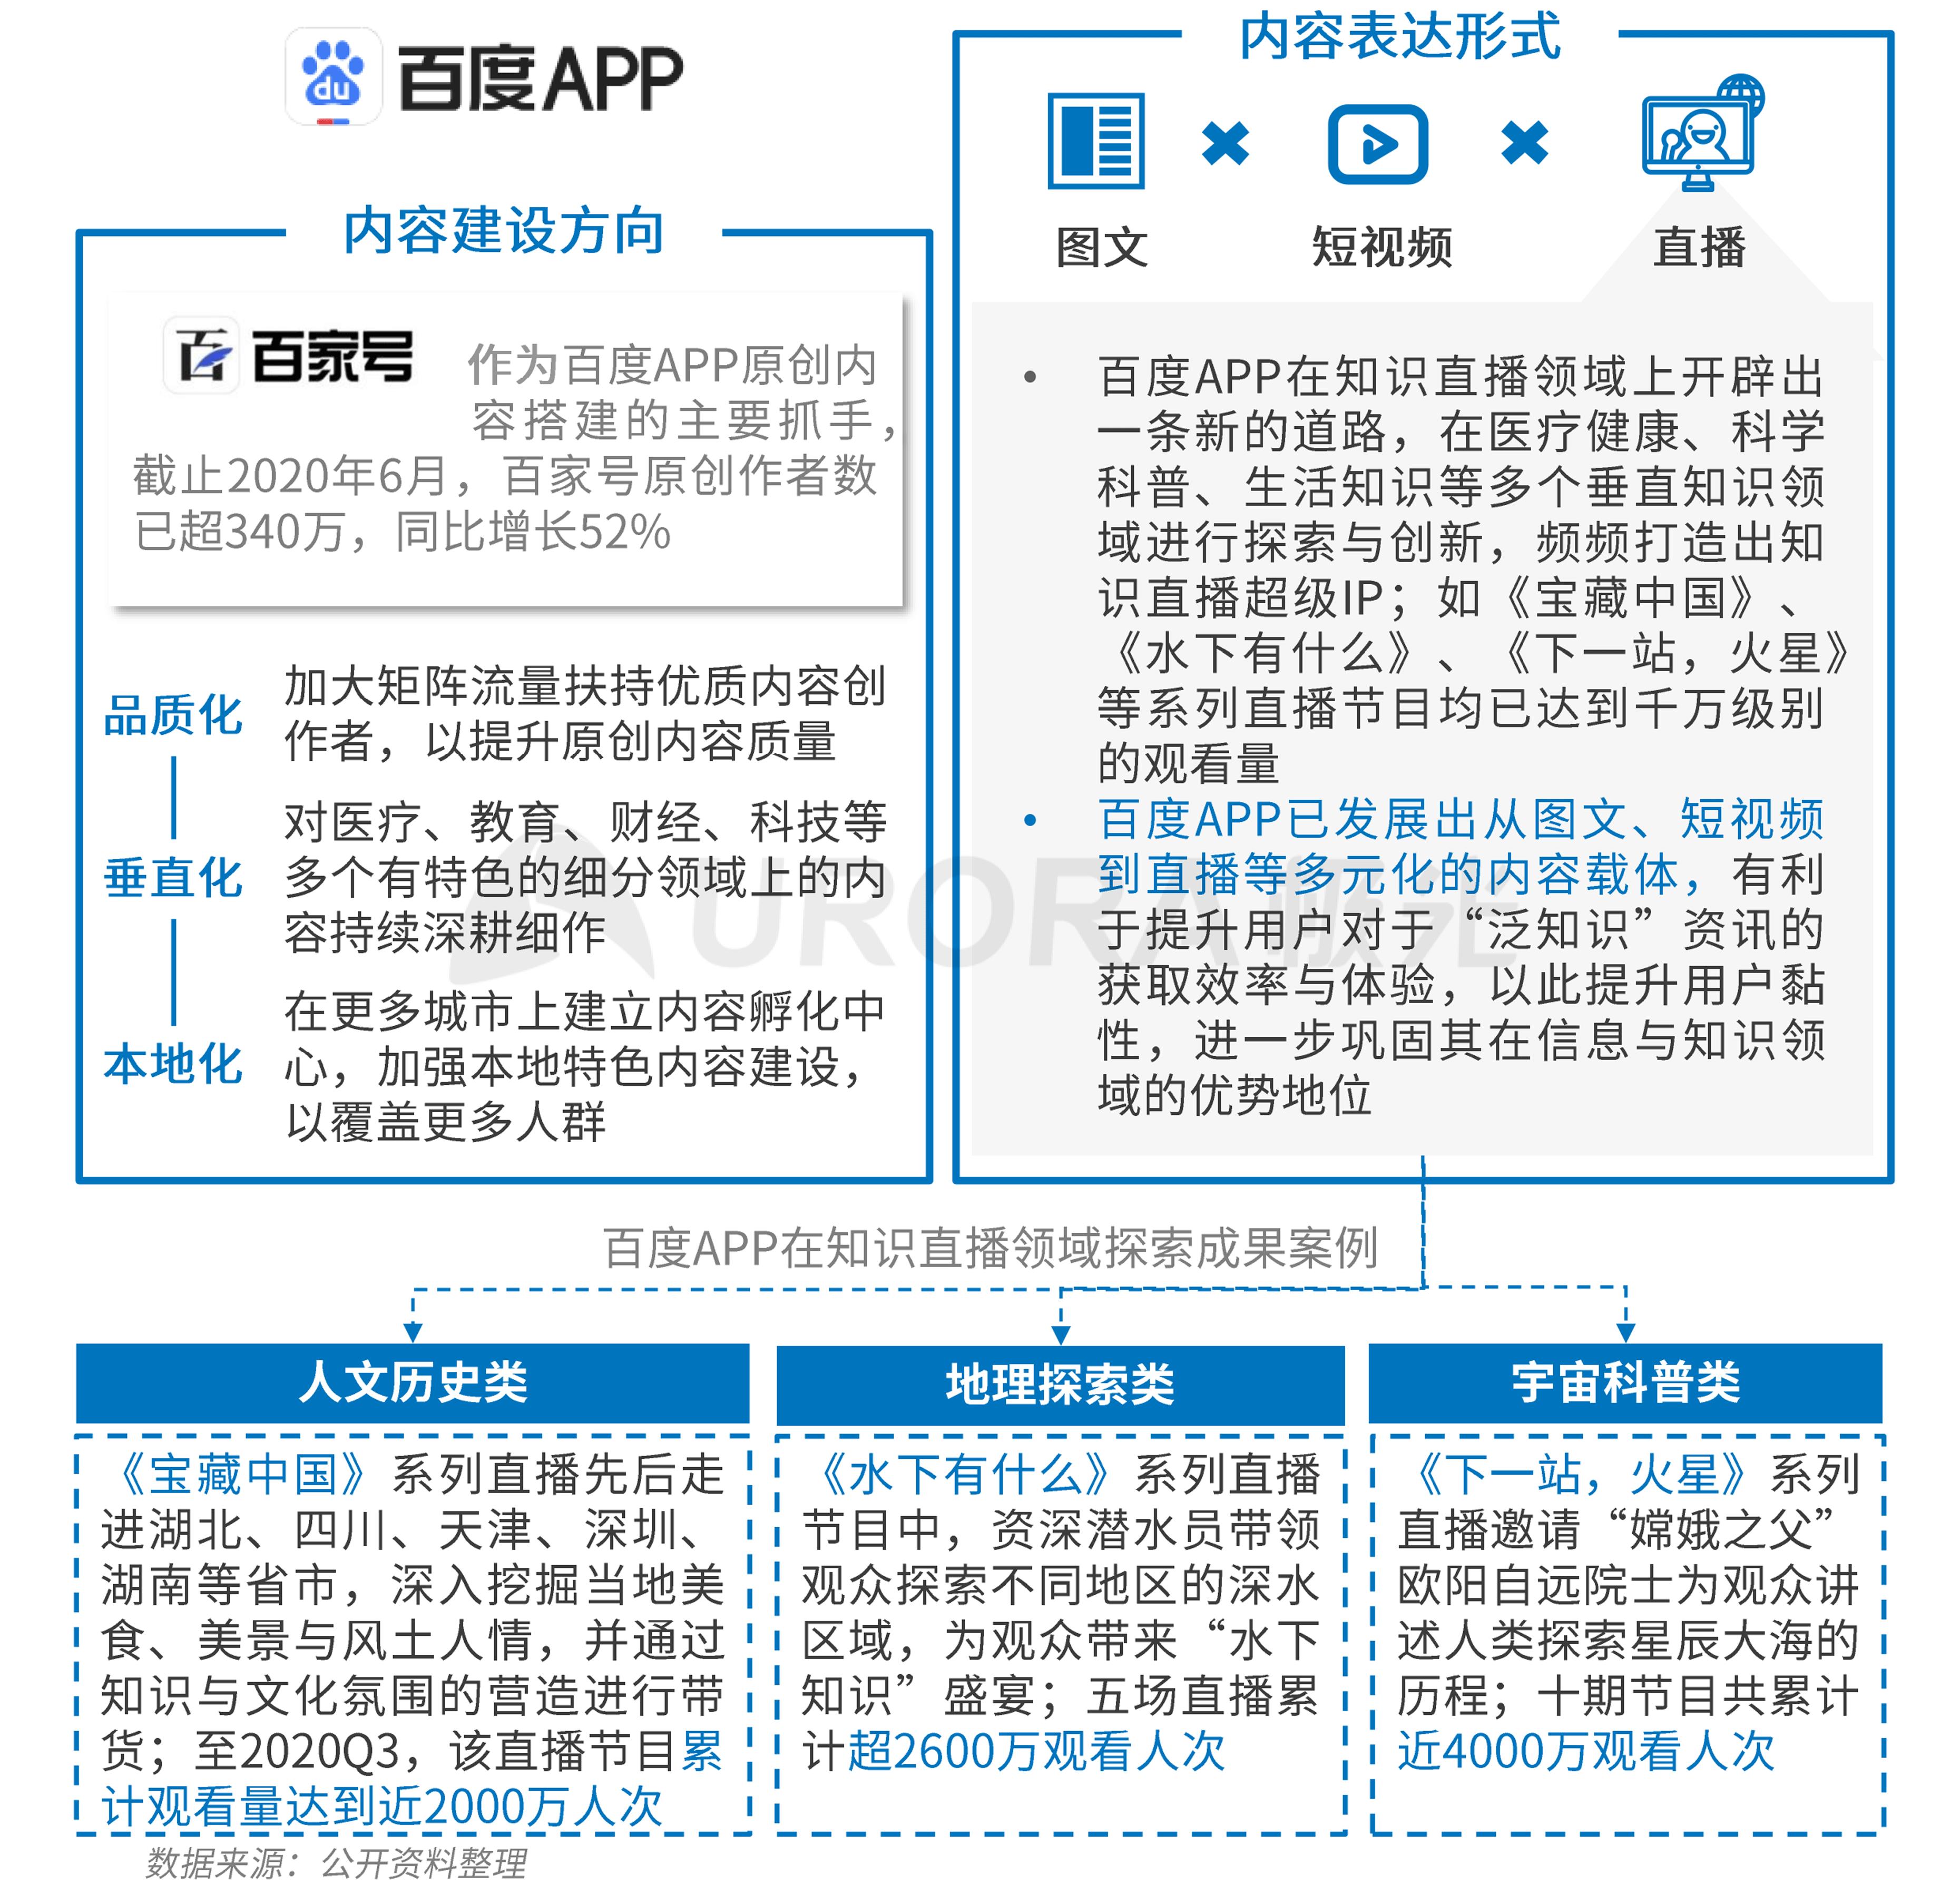 极光:新资讯行业系列报告--内容篇 (7).png